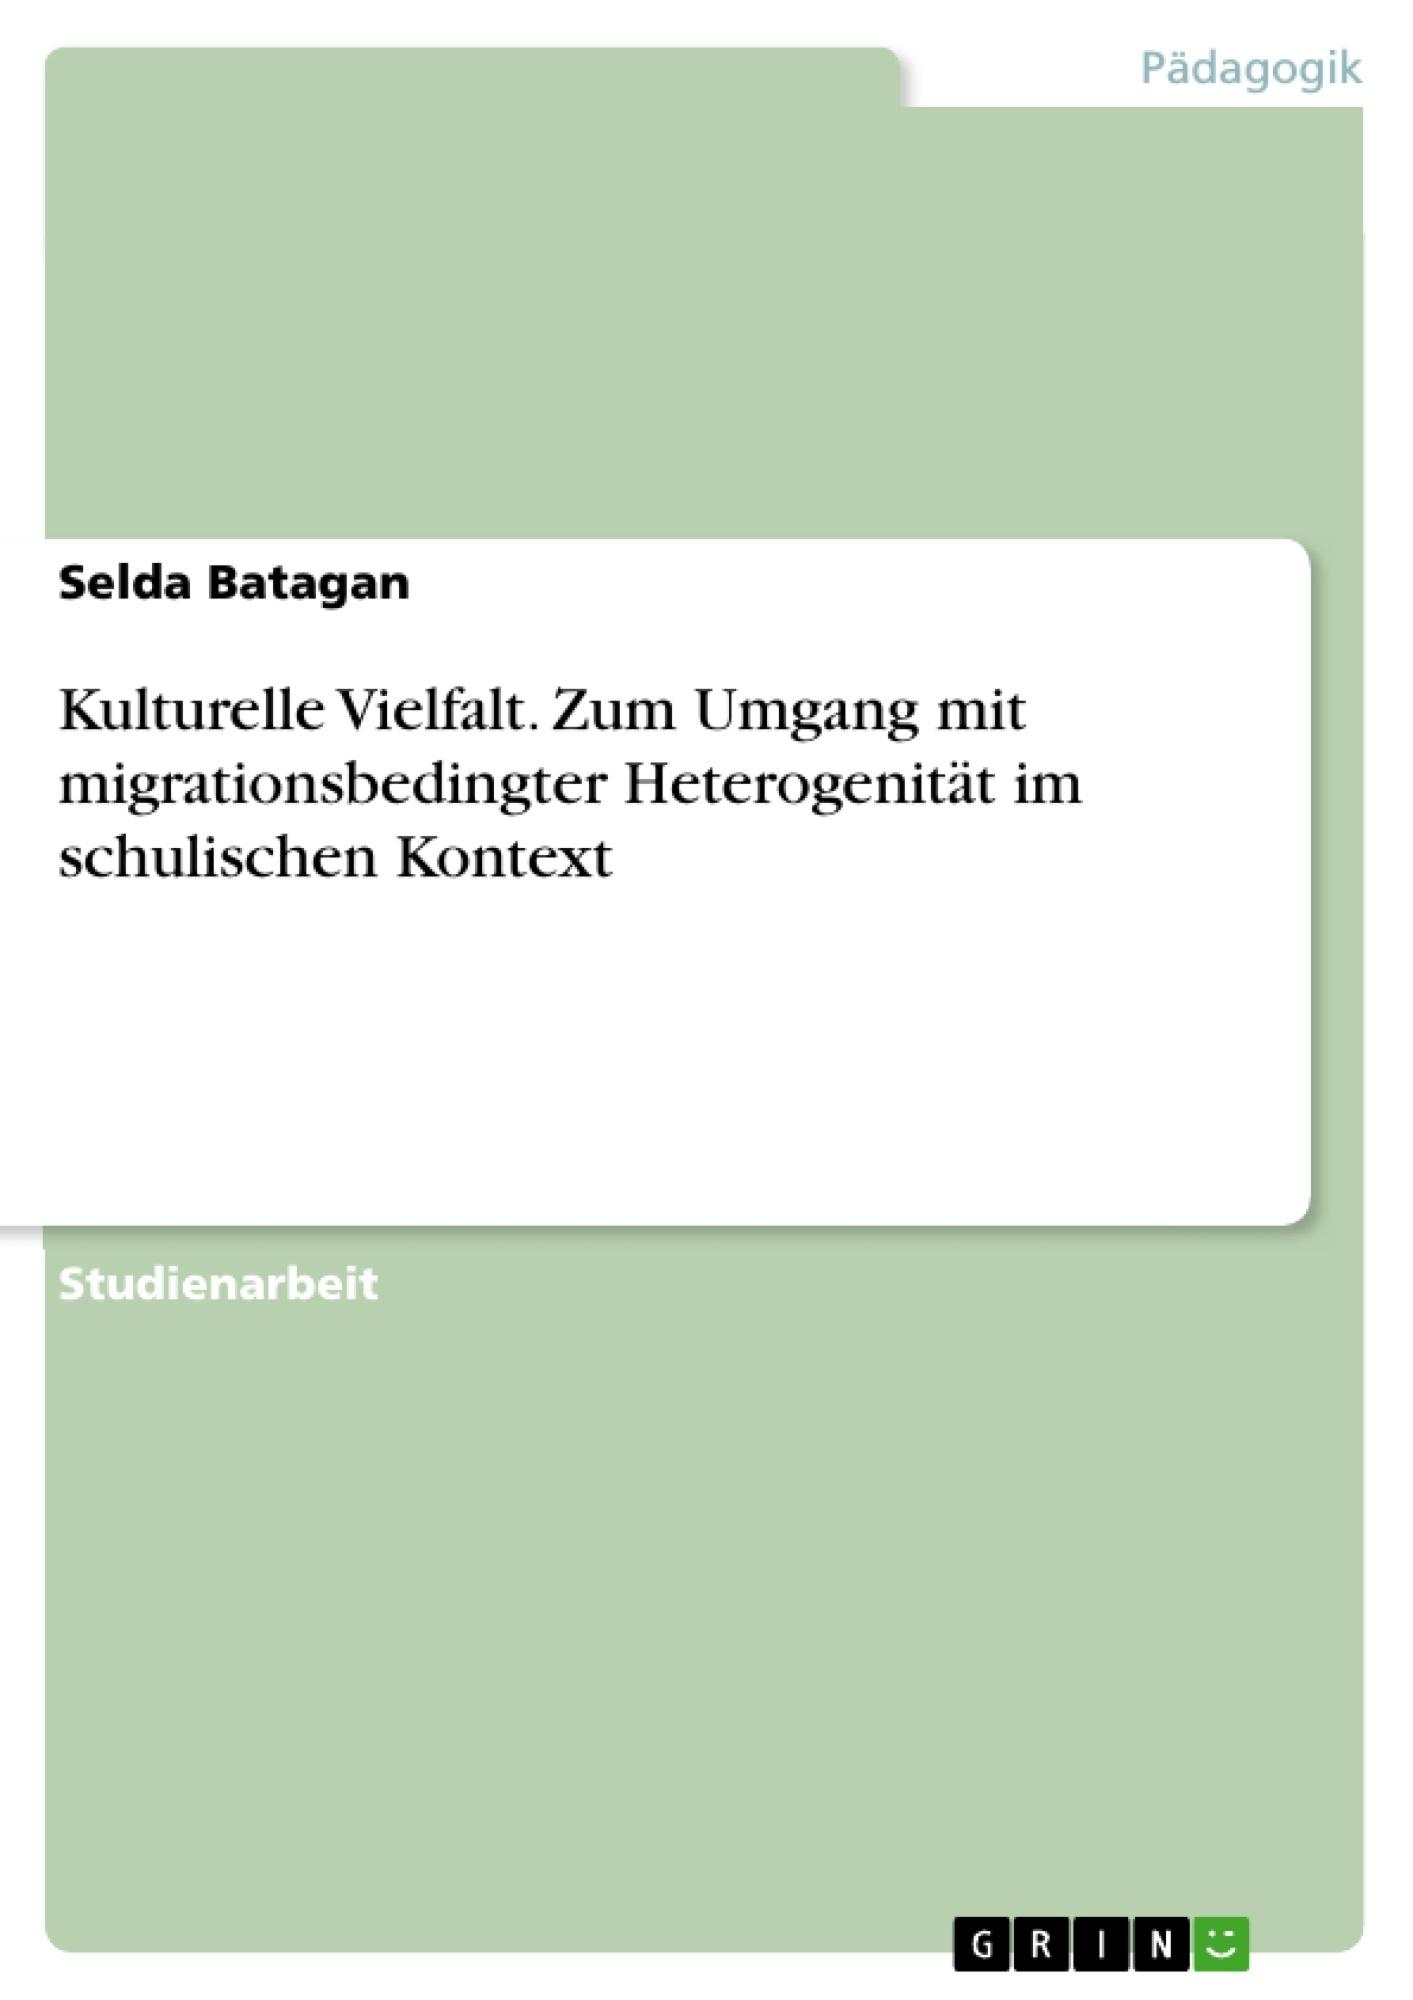 Titel: Kulturelle Vielfalt. Zum Umgang mit migrationsbedingter Heterogenität im schulischen Kontext